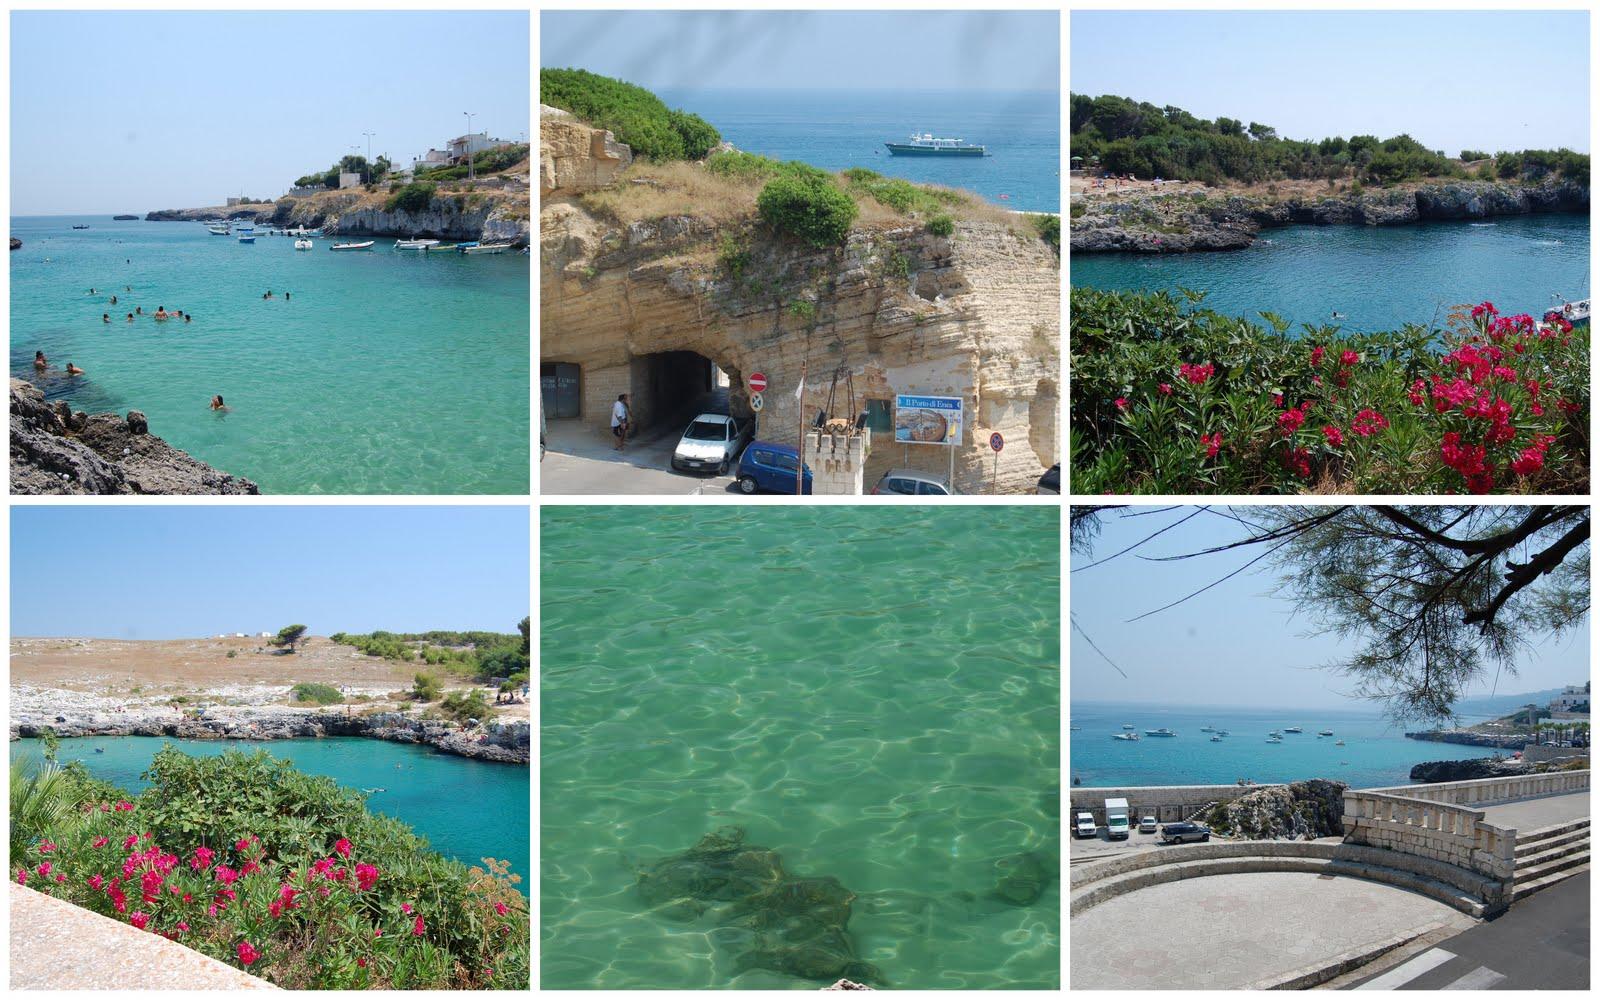 Di bianco e d 39 azzurro santa cesarea terme e castro marina for Abano terme piscine termali aperte al pubblico